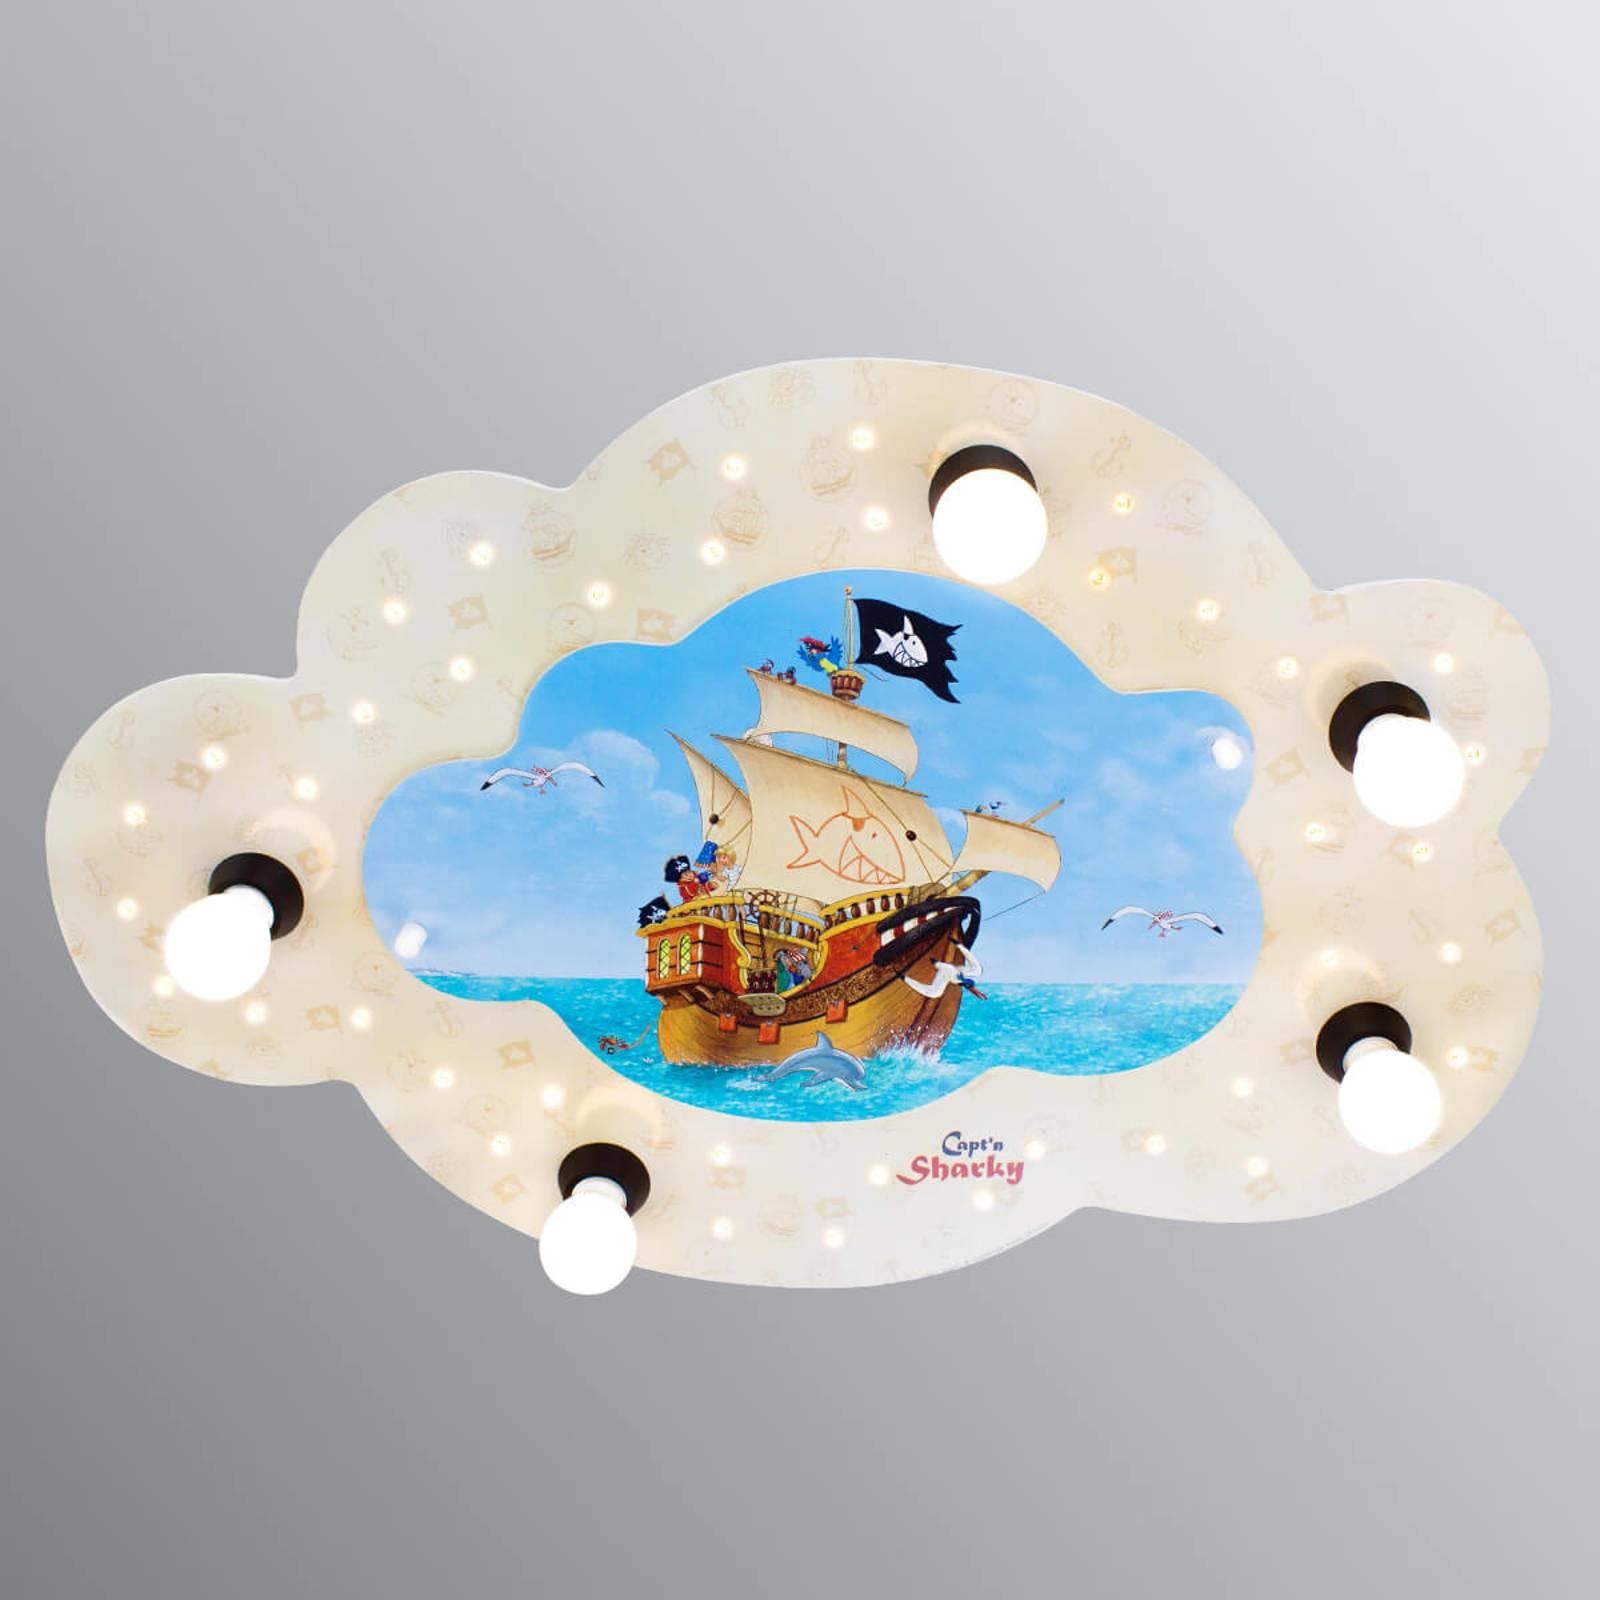 Wolkvormige plafondlamp Capt'n Sharky met LEDs